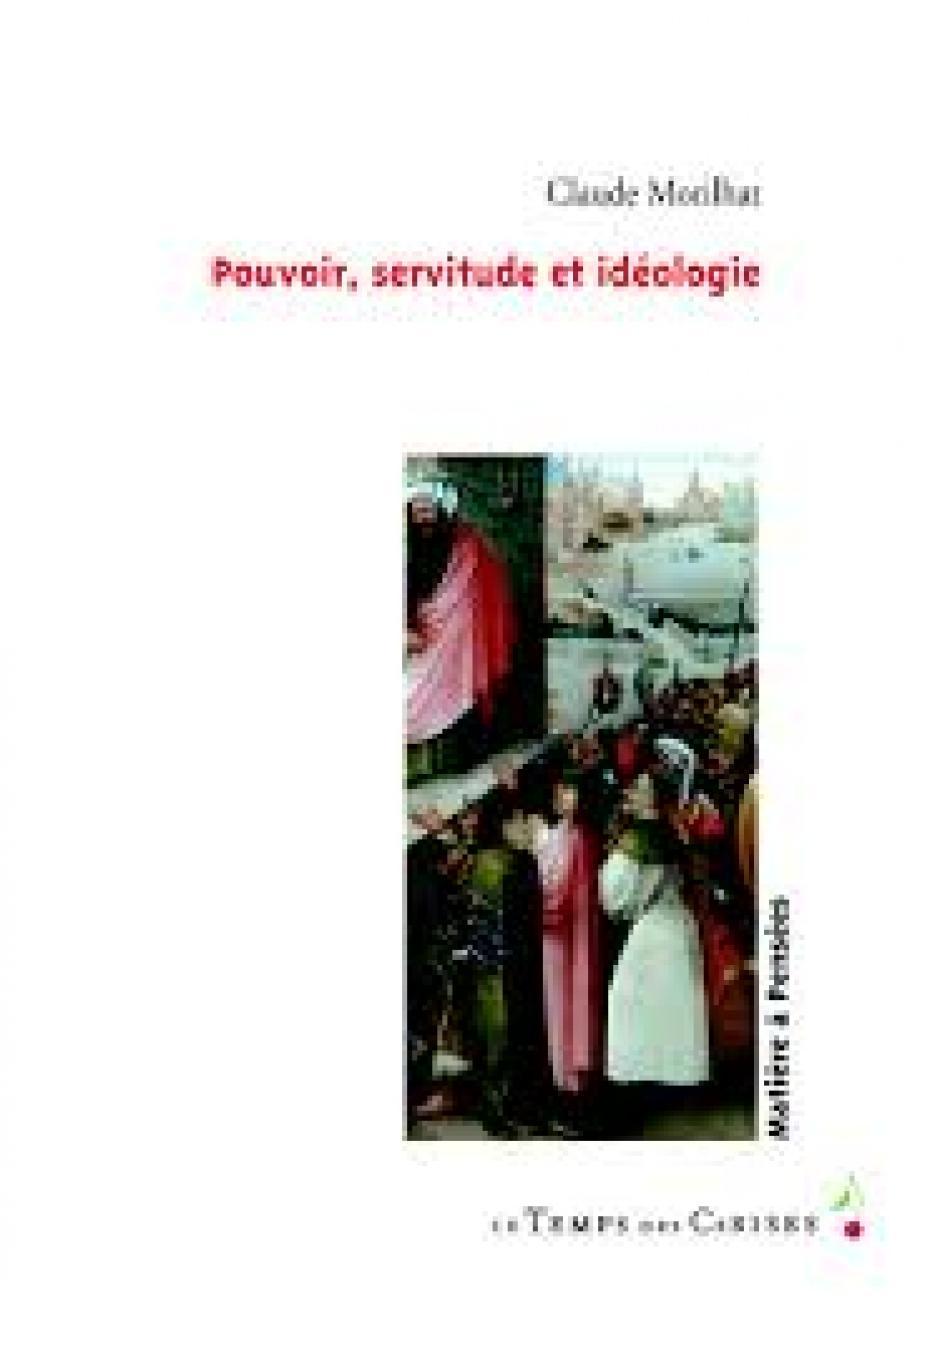 L'idéologie, un concept fondamental de la pensée marxiste, Claude Morilhat*